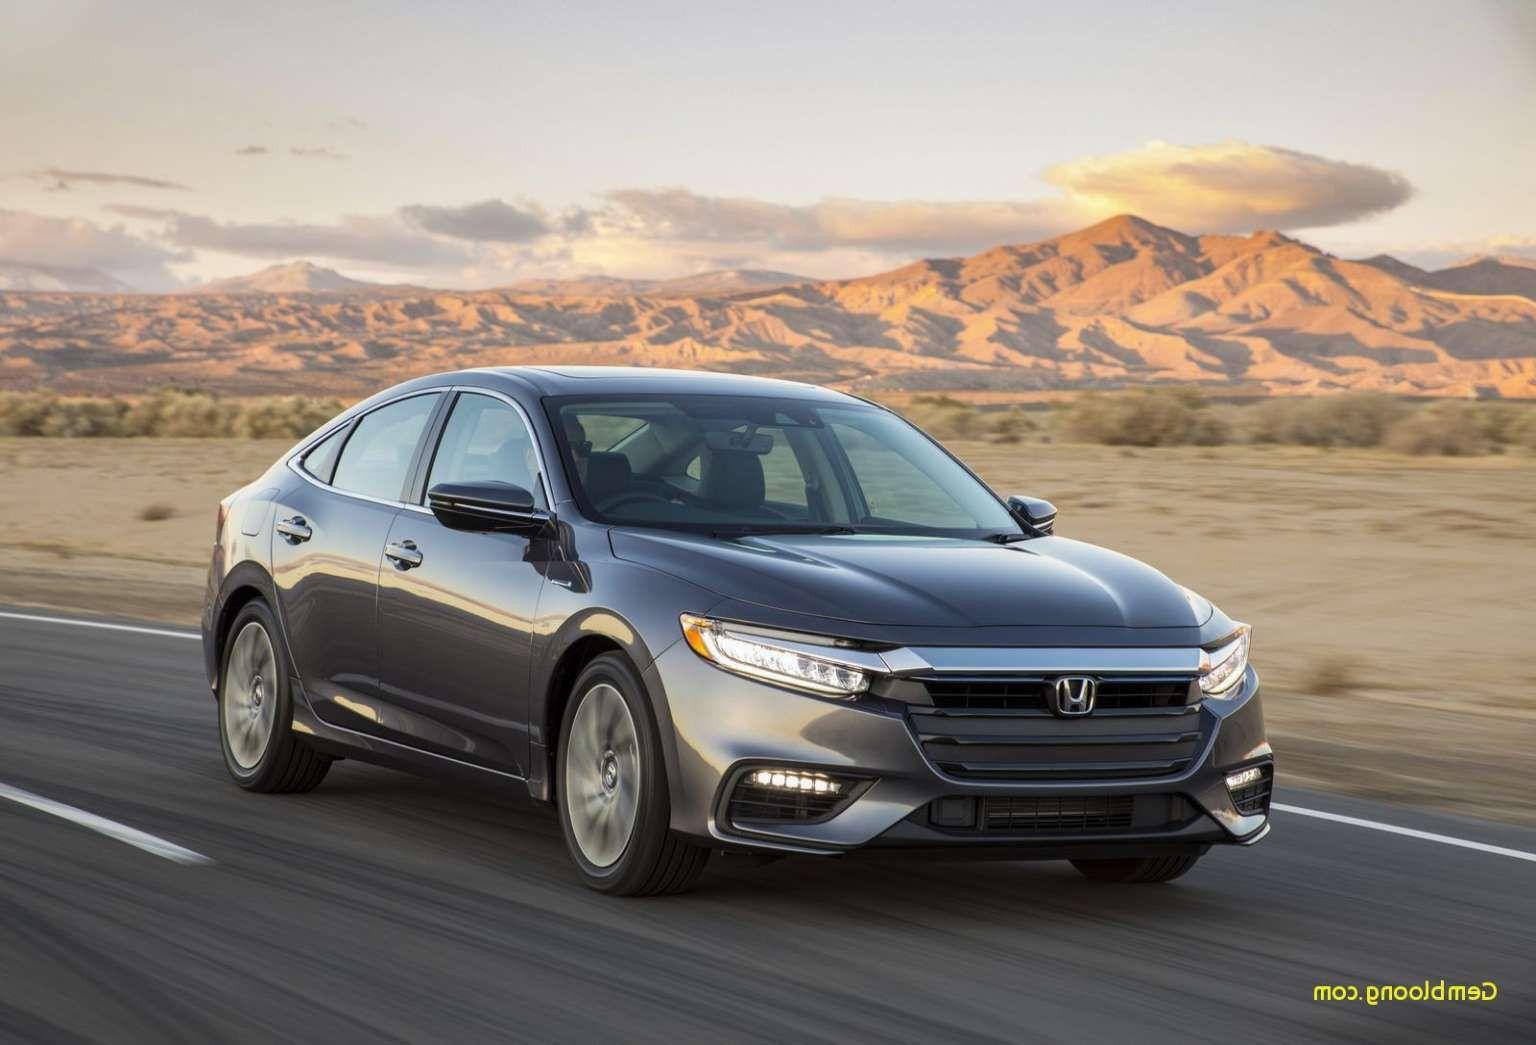 2020 Honda Insight 2019 Honda Insight Honda Accord Coupe 2019 New Honda Insight Honda Accord Honda